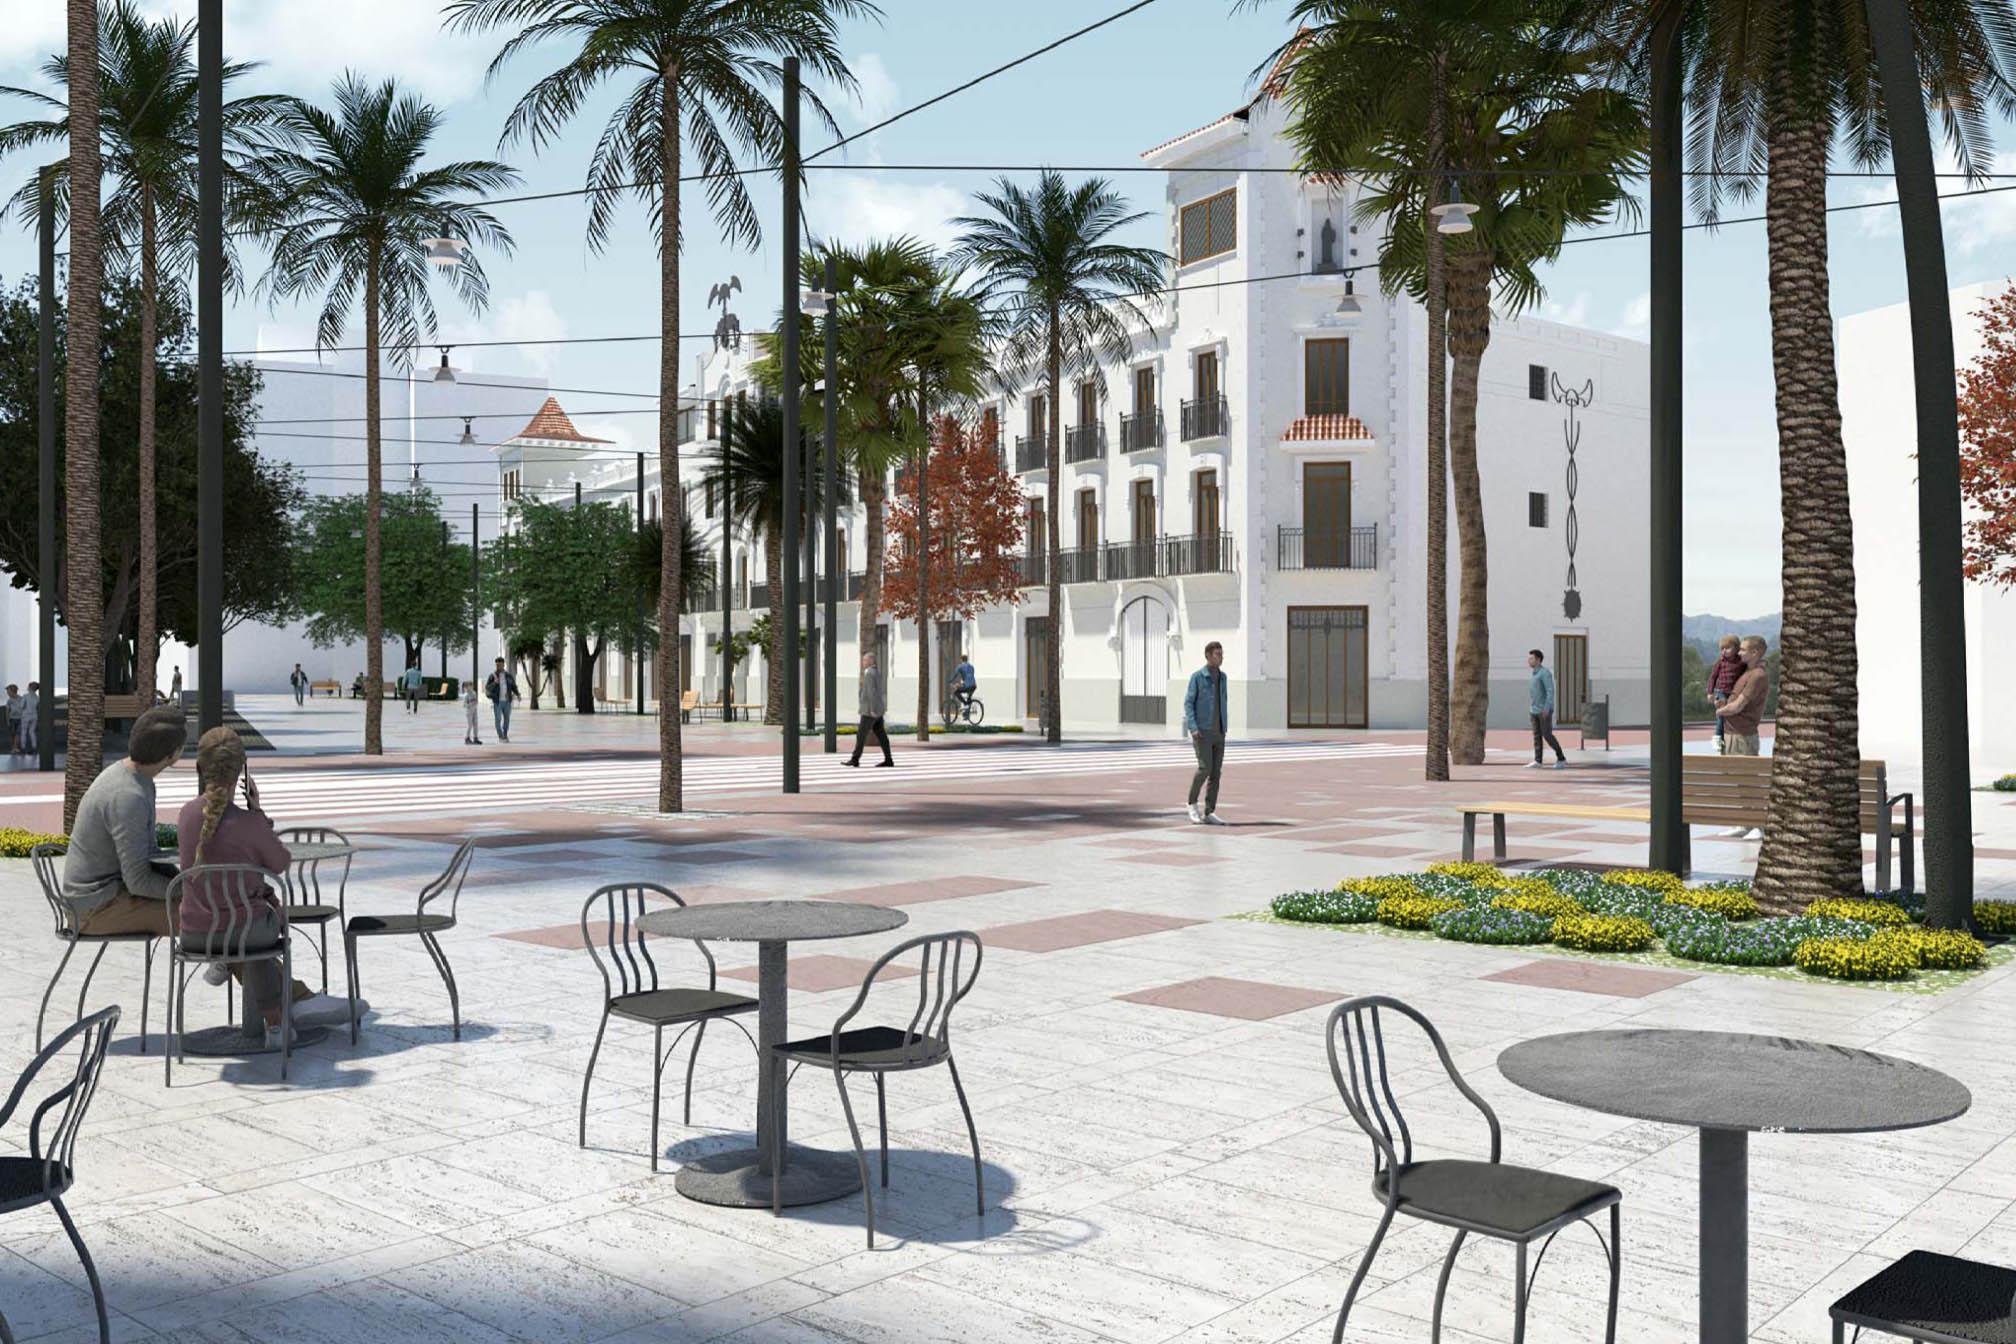 Una plaça de la Concepció molt Sant Domingo El Periòdic d'Ontinyent - Noticies a Ontinyent